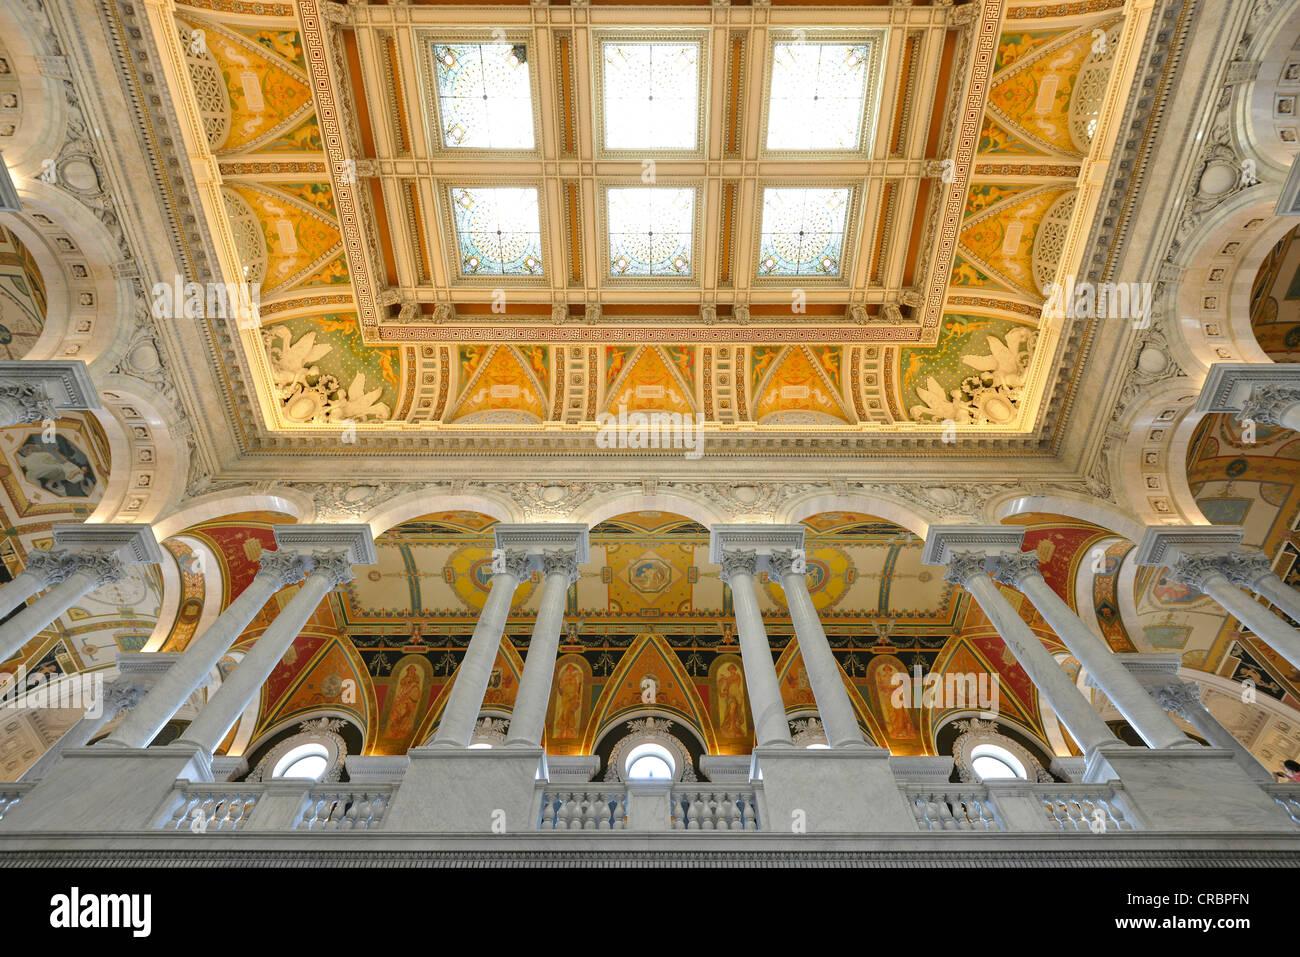 Magnifique plafond de verre avec la peinture dans le grand hall d'entrée, la grande salle, le Jefferson Building, Bibliothèque du Congrès Banque D'Images